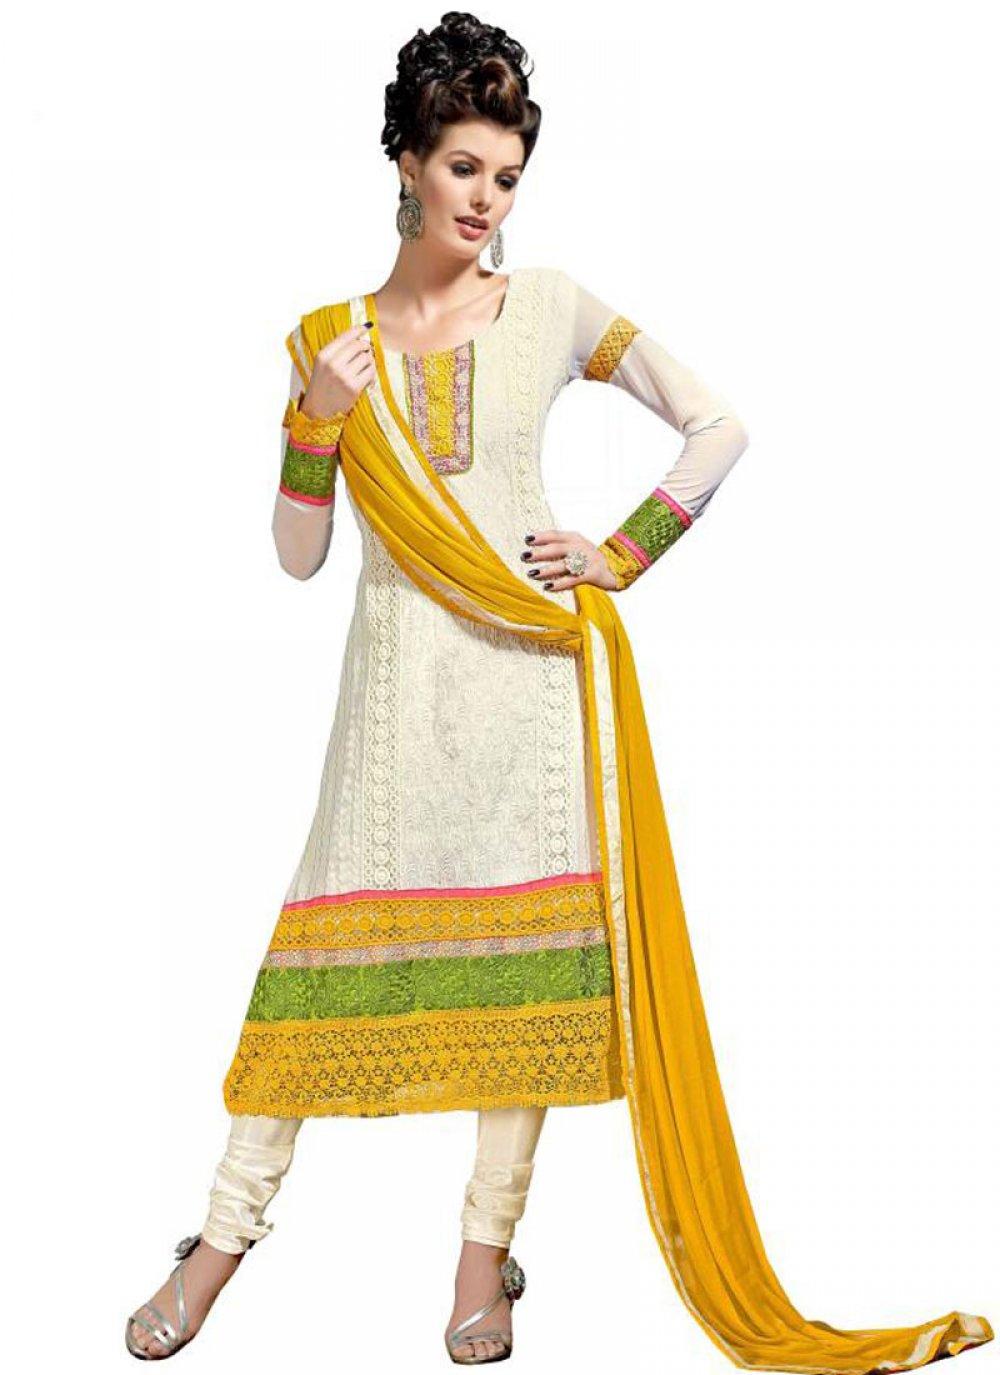 Off White And Yellow Resham Work Churidar Suit